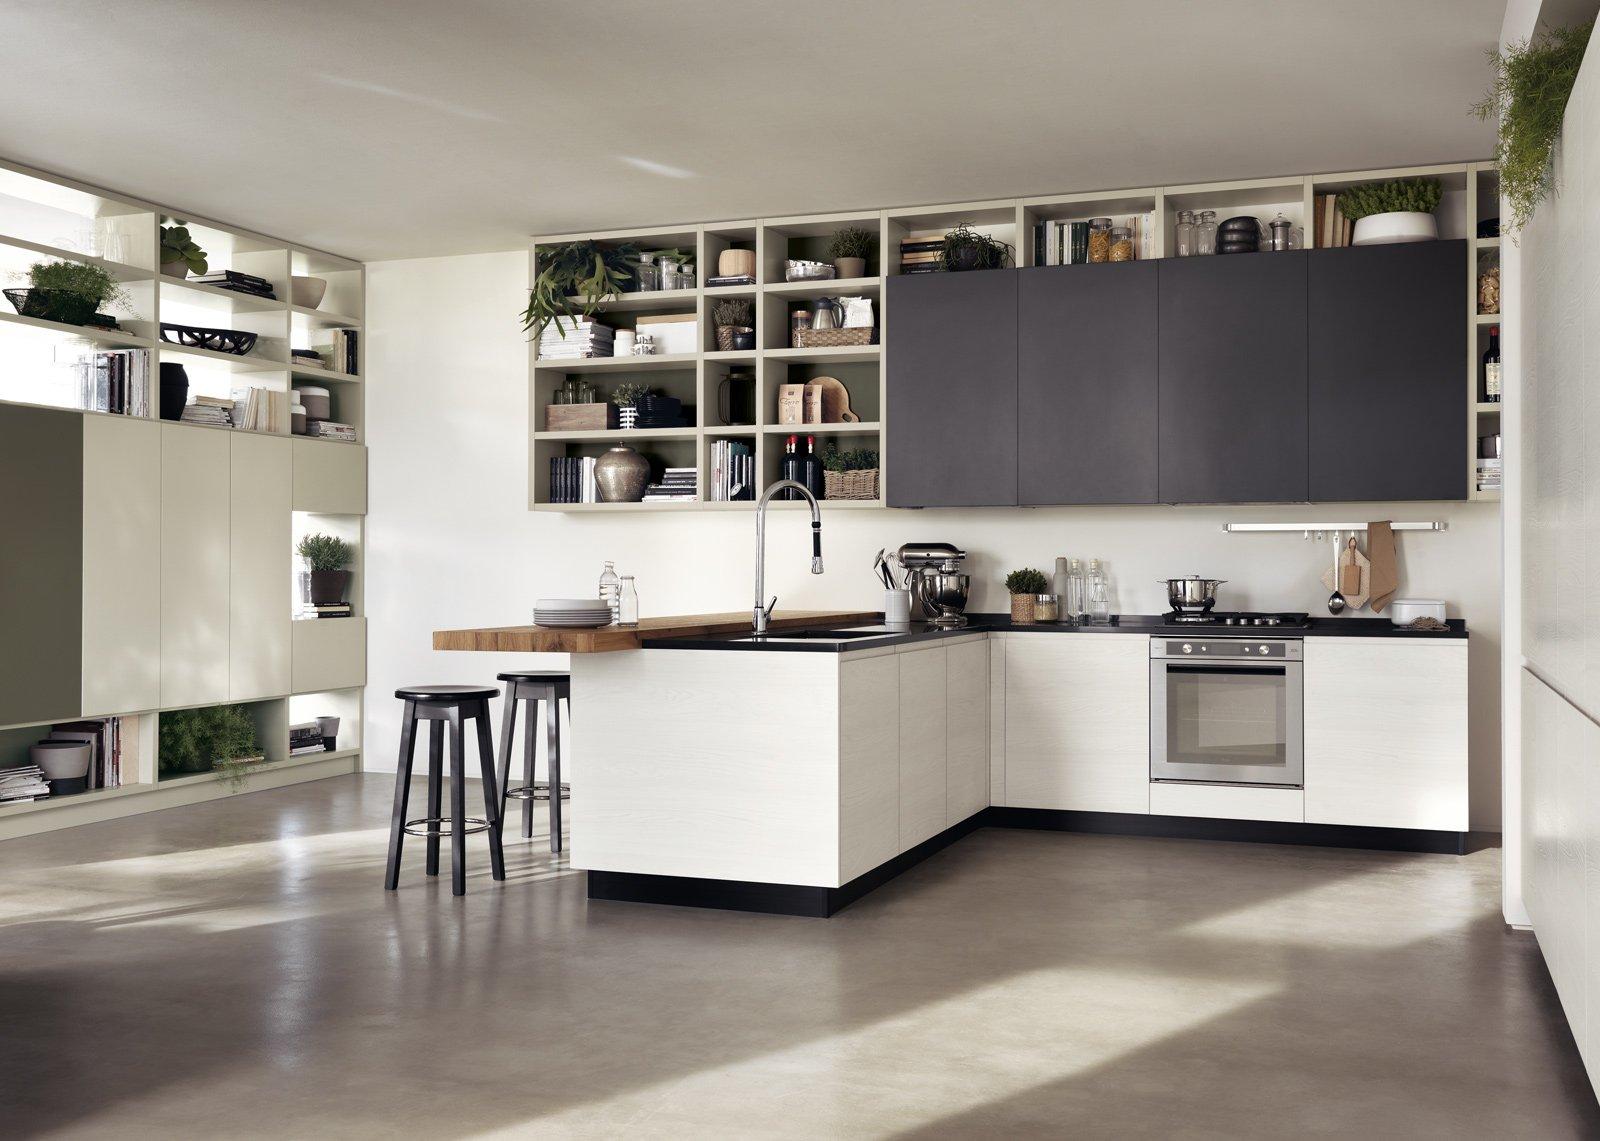 Cucina contenere di pi con tanti pensili o pensili grandi cose di casa - Accessori per casa moderna ...